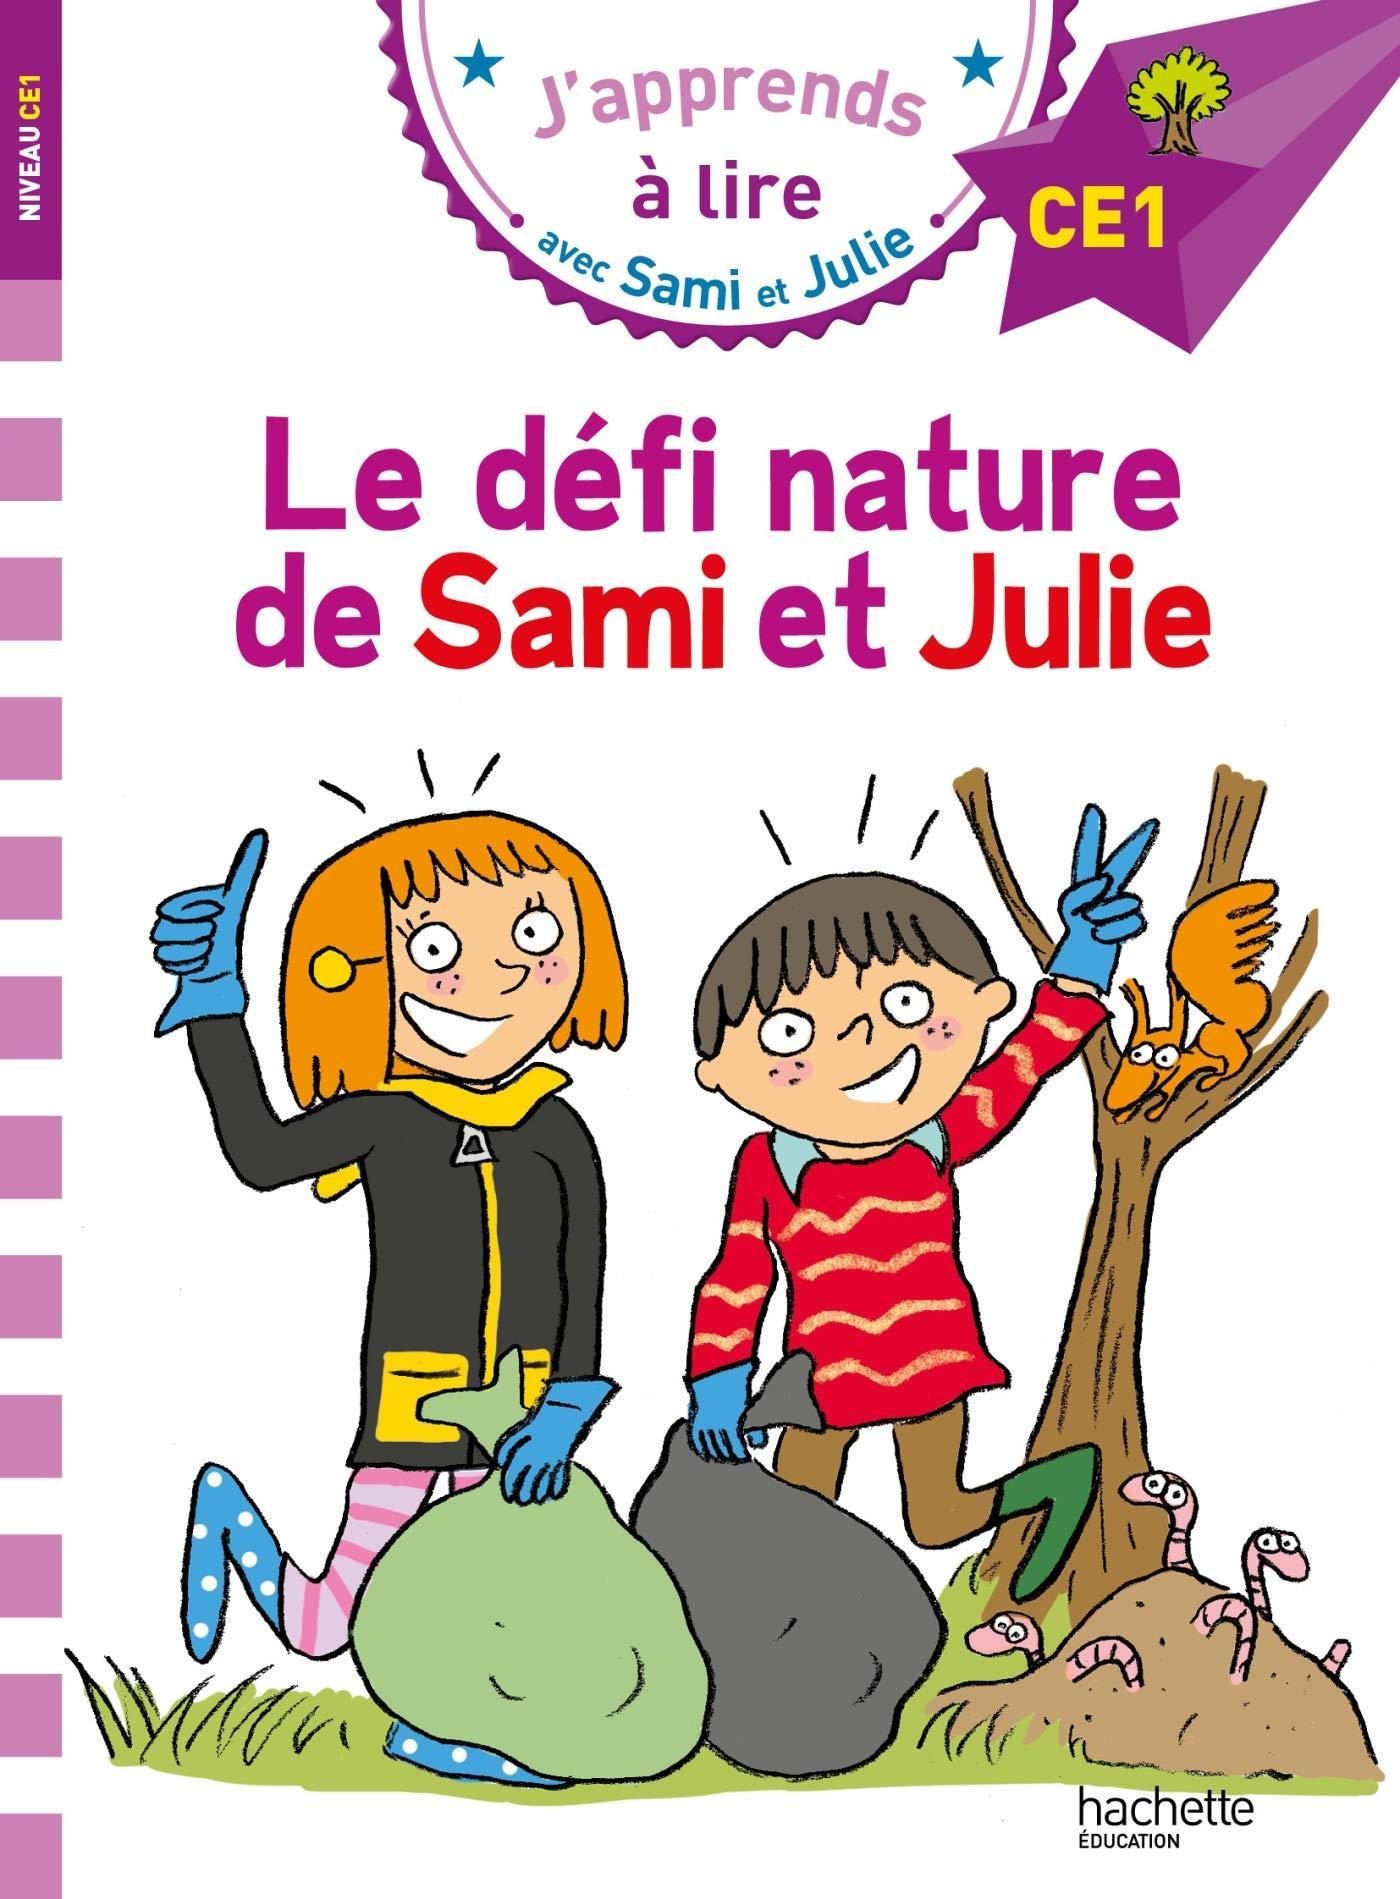 J apprends a lire avec sami et julie